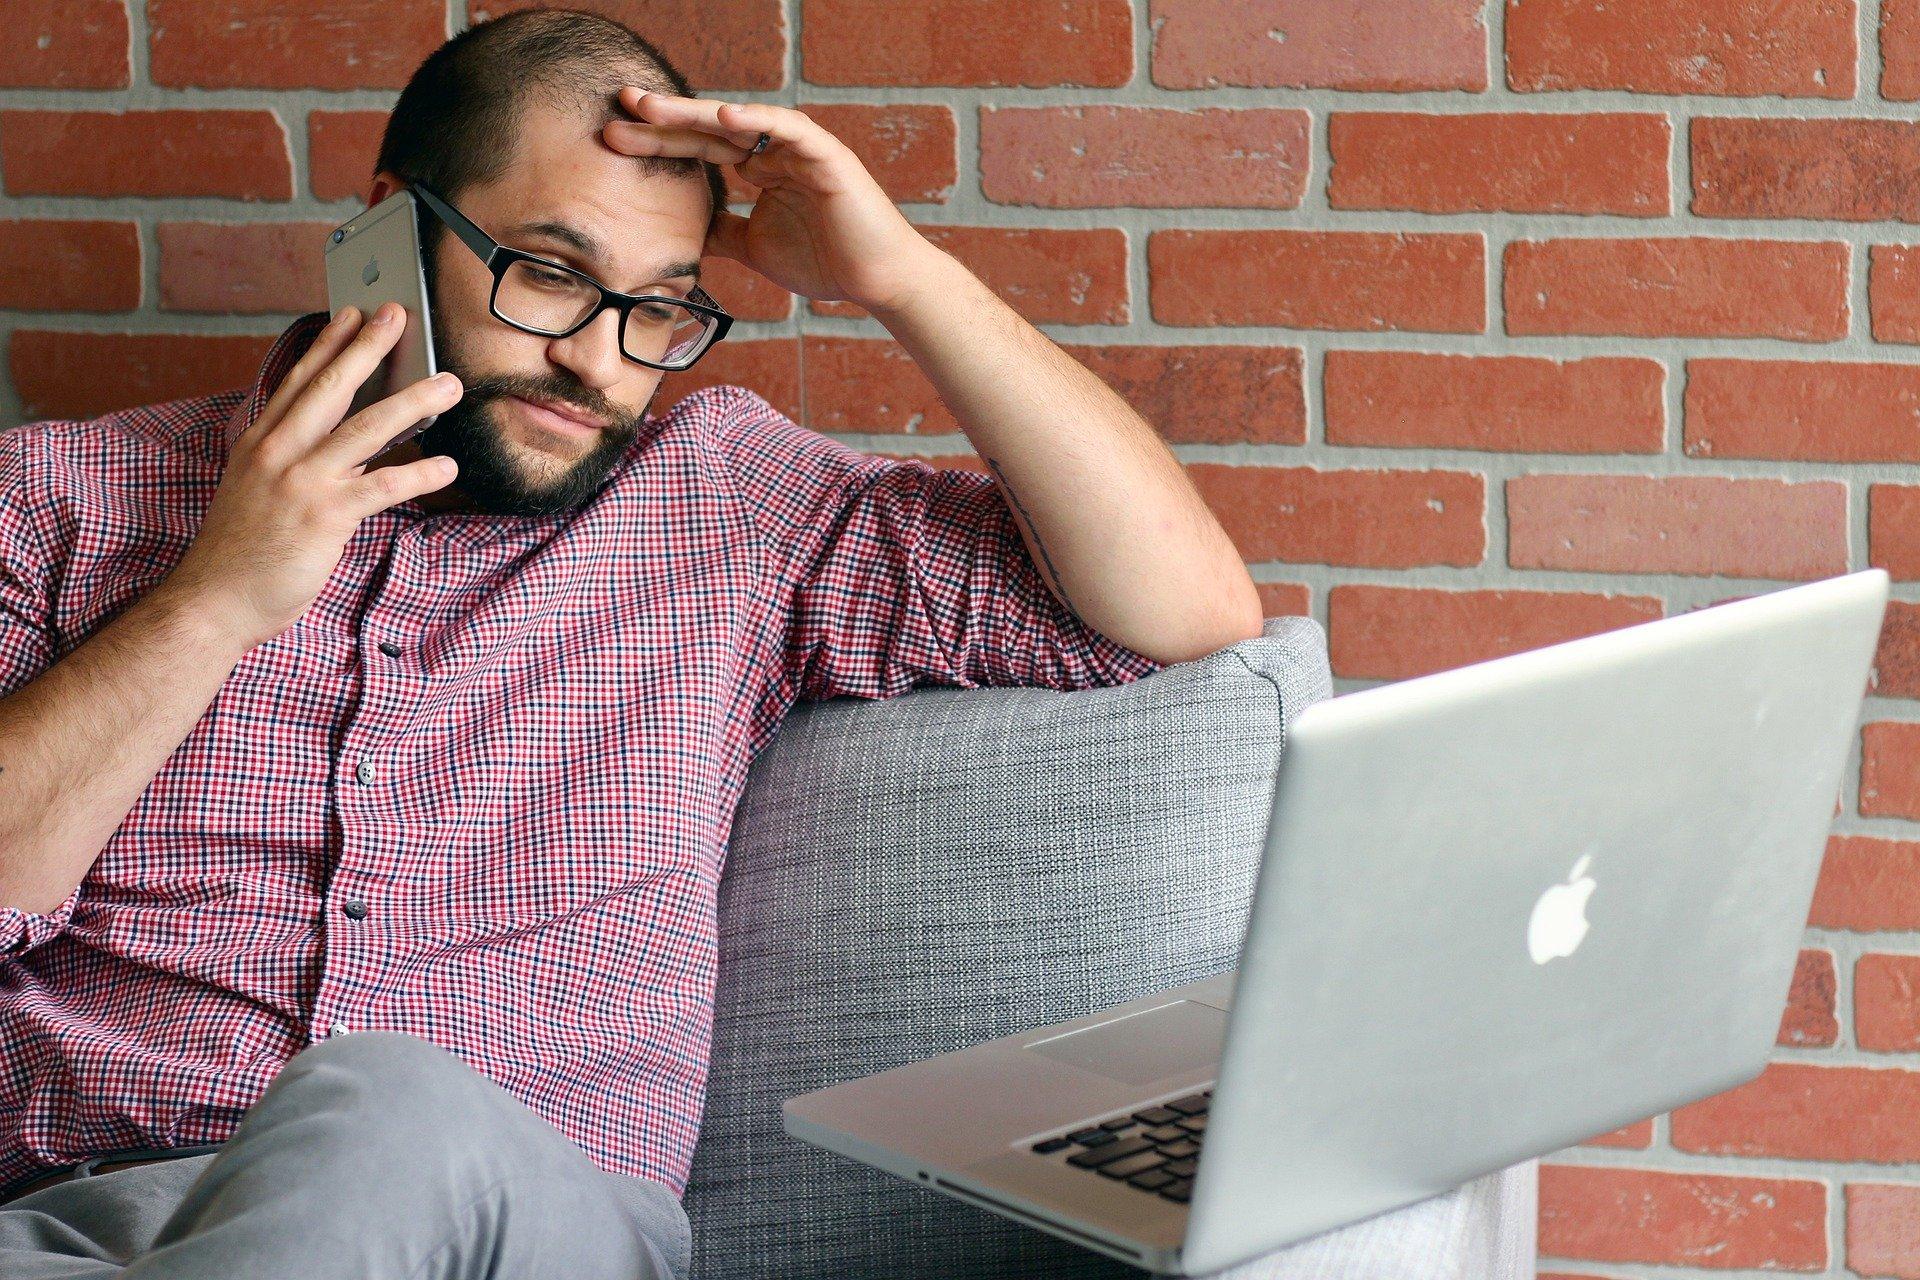 oorzaken irritaties op het werk